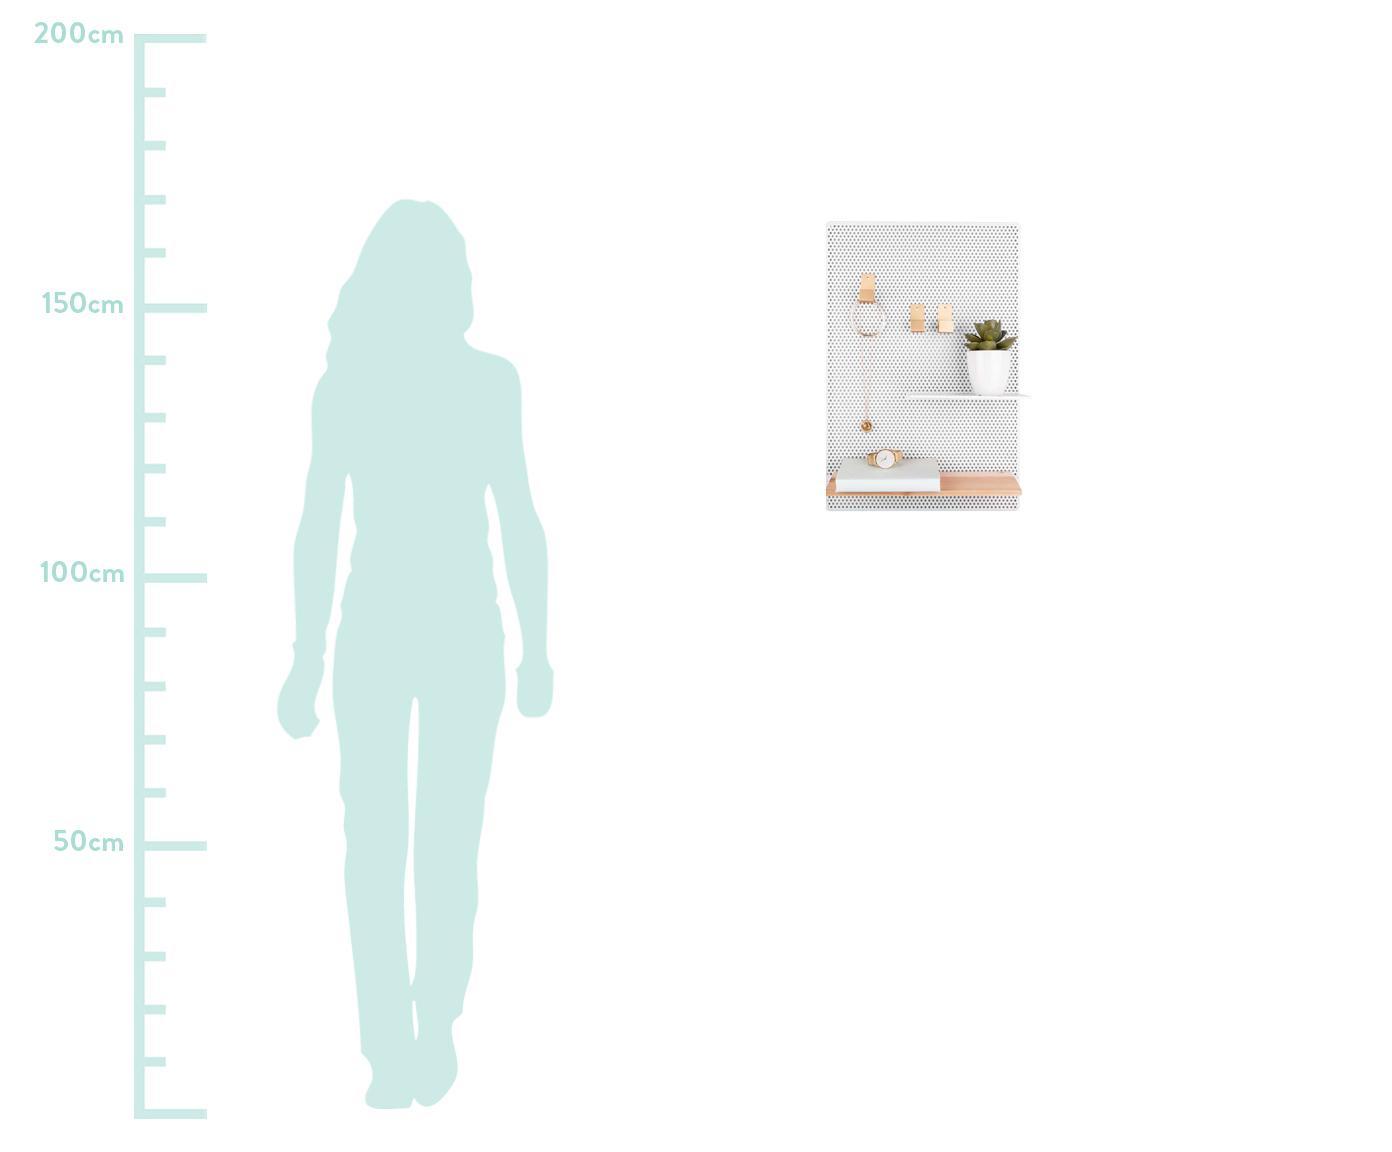 Memobord Perkys, Gelakt metaal, Wit, messingkleurig, 35 x 53 cm